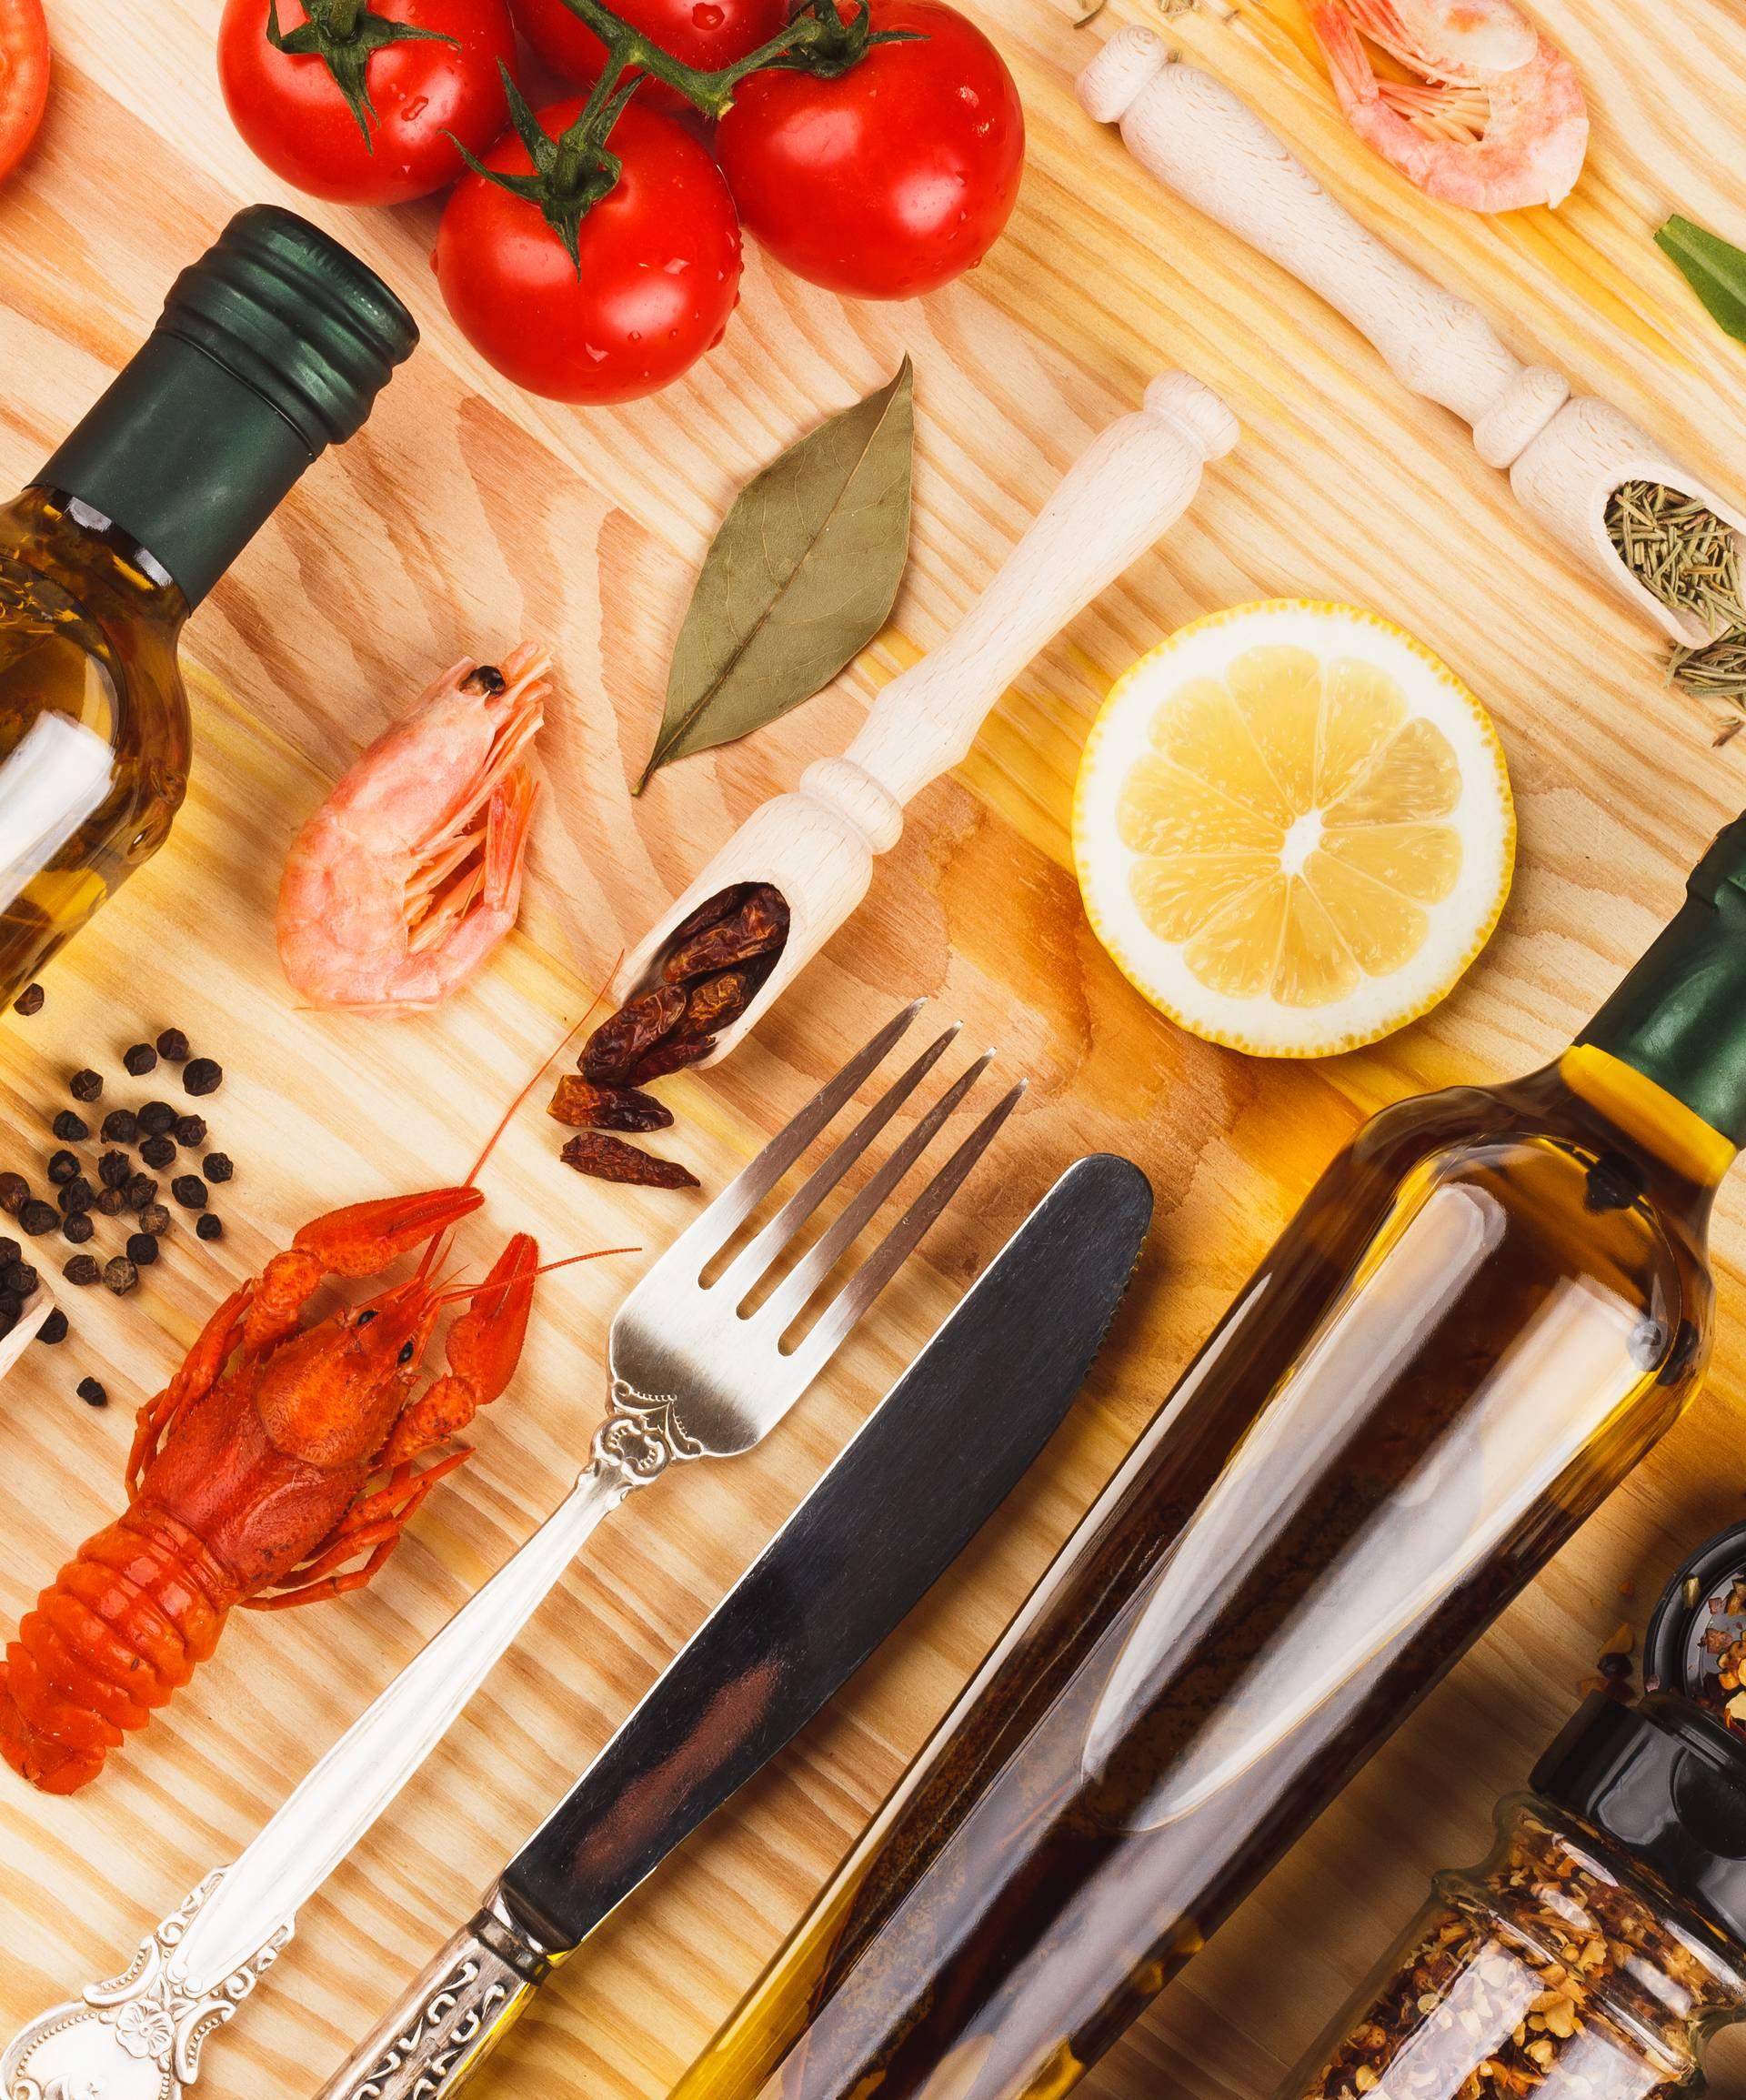 Vodič za ulja: S maslinovim se pirja, a na svinjskoj masti prži